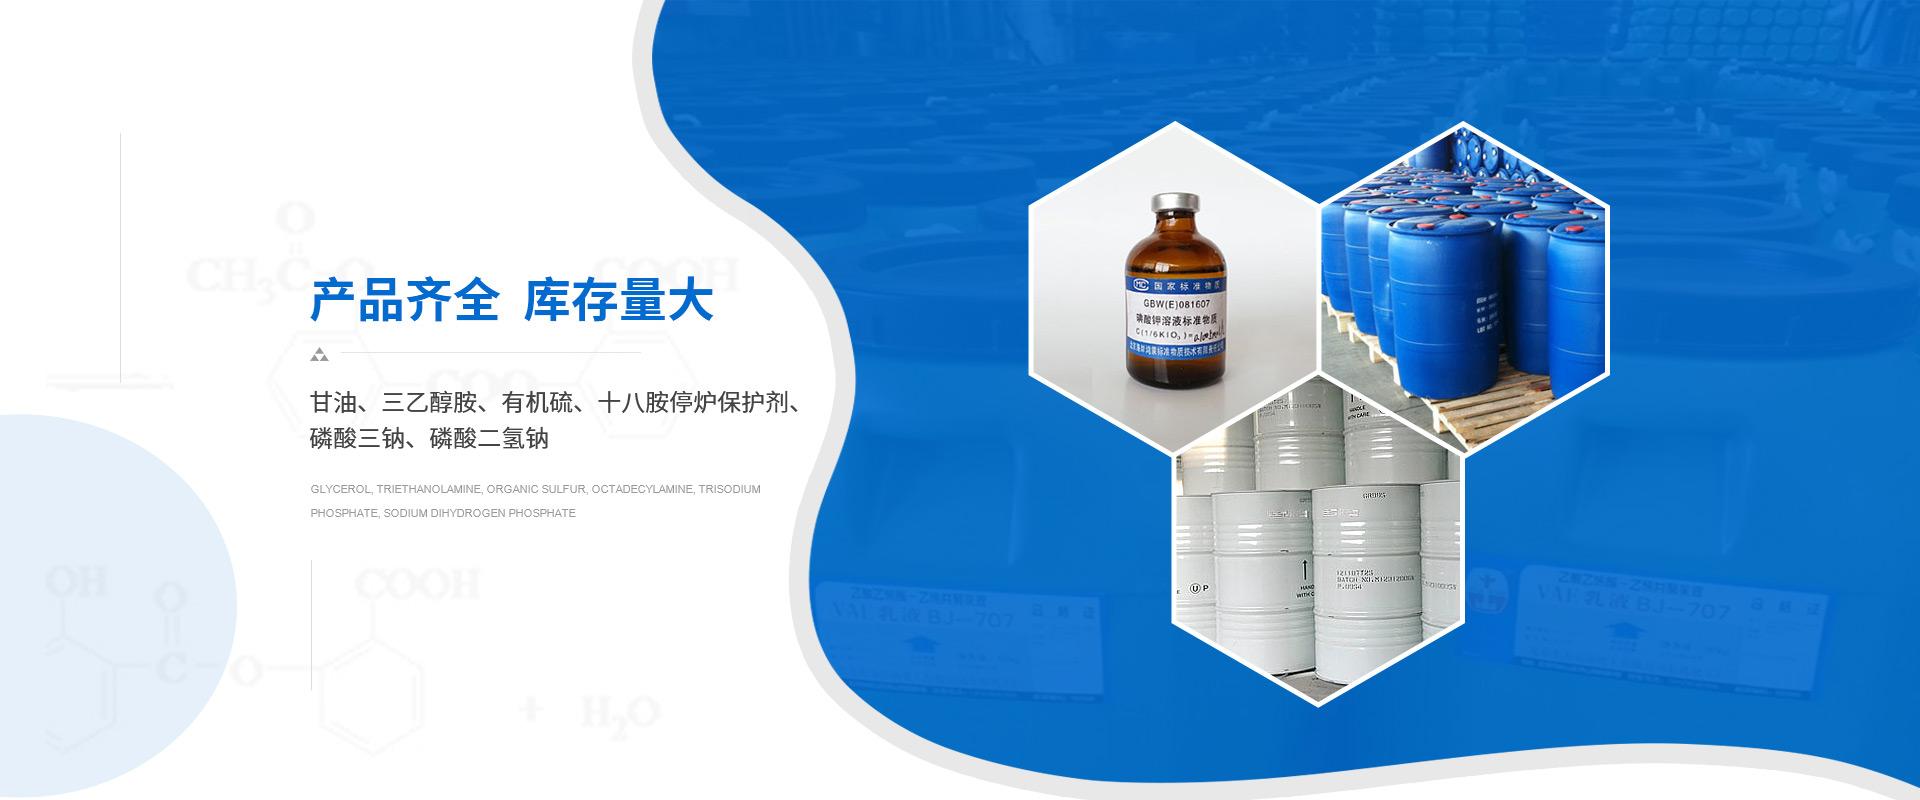 西安磷酸三钠批发